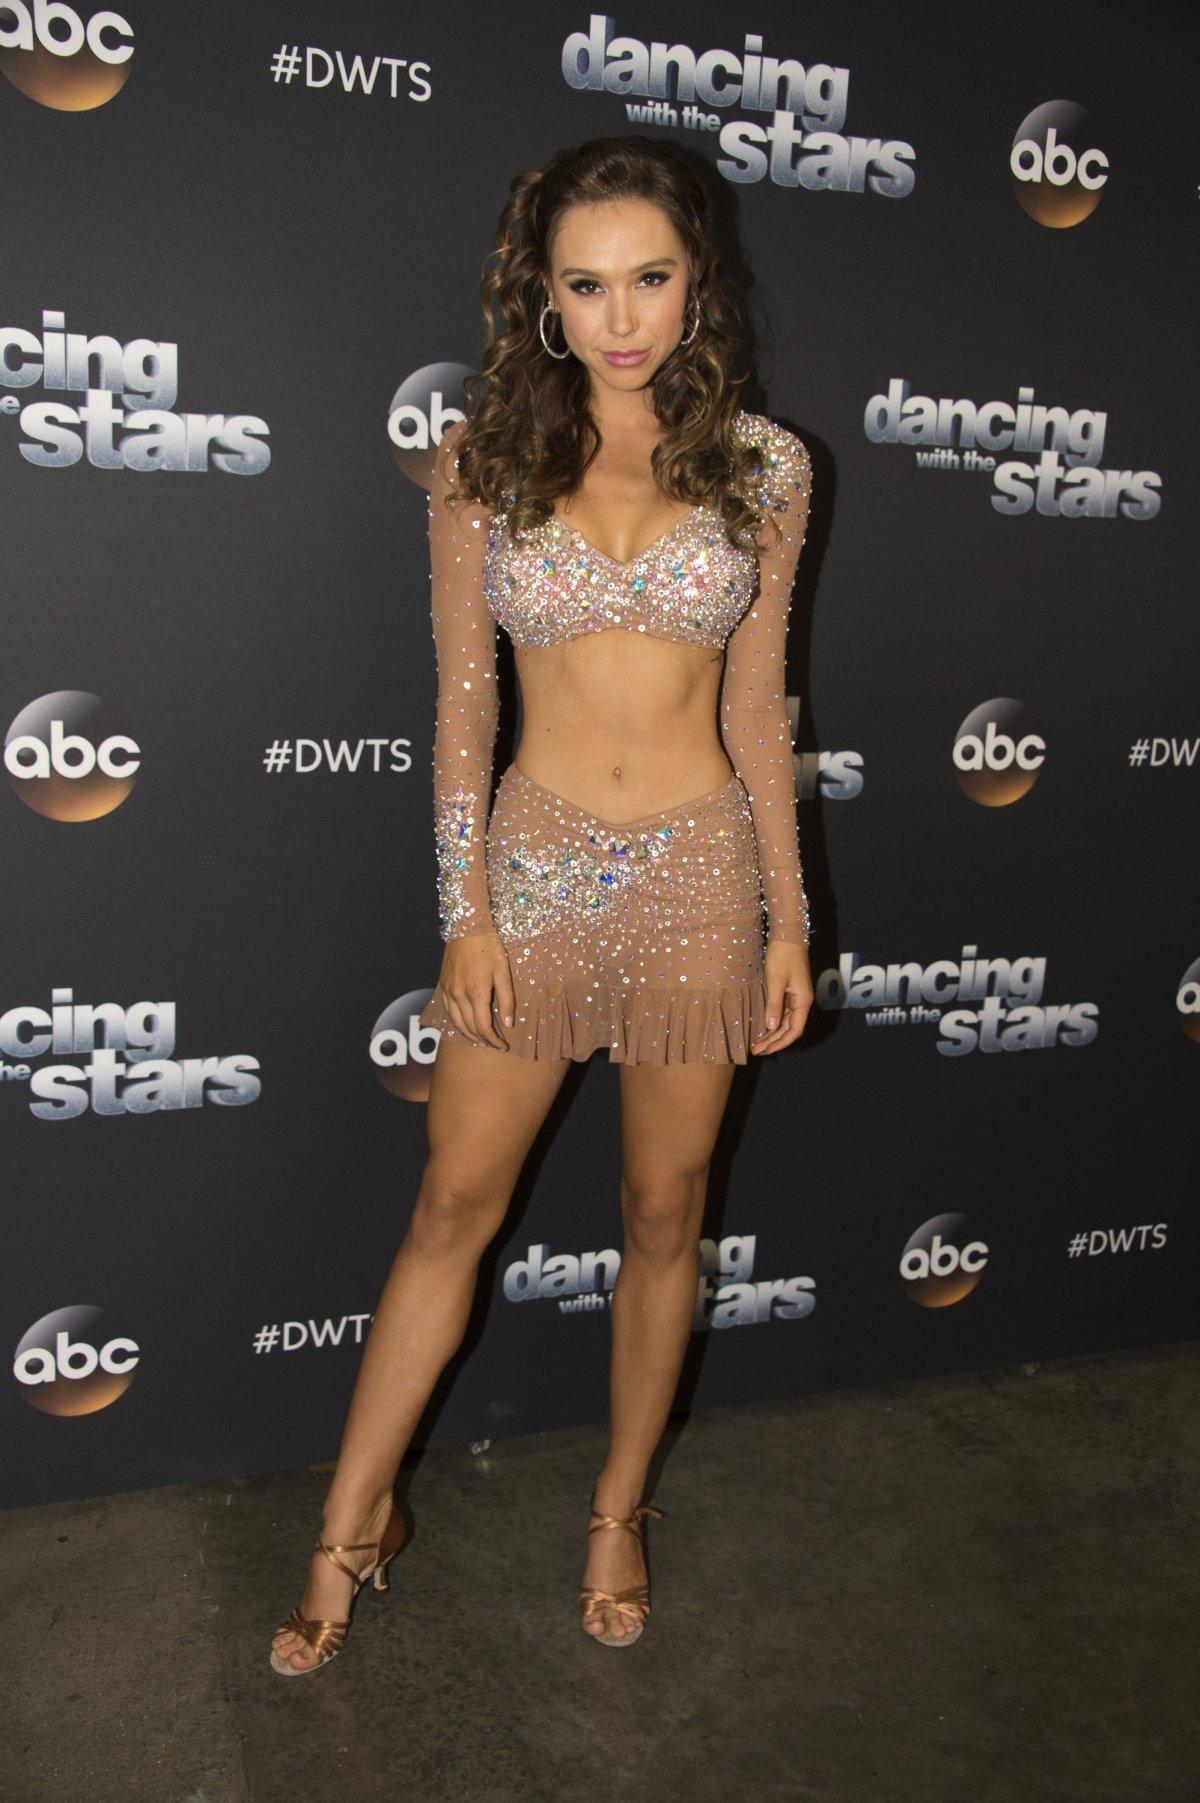 Alexis Ren Sexy Dancing